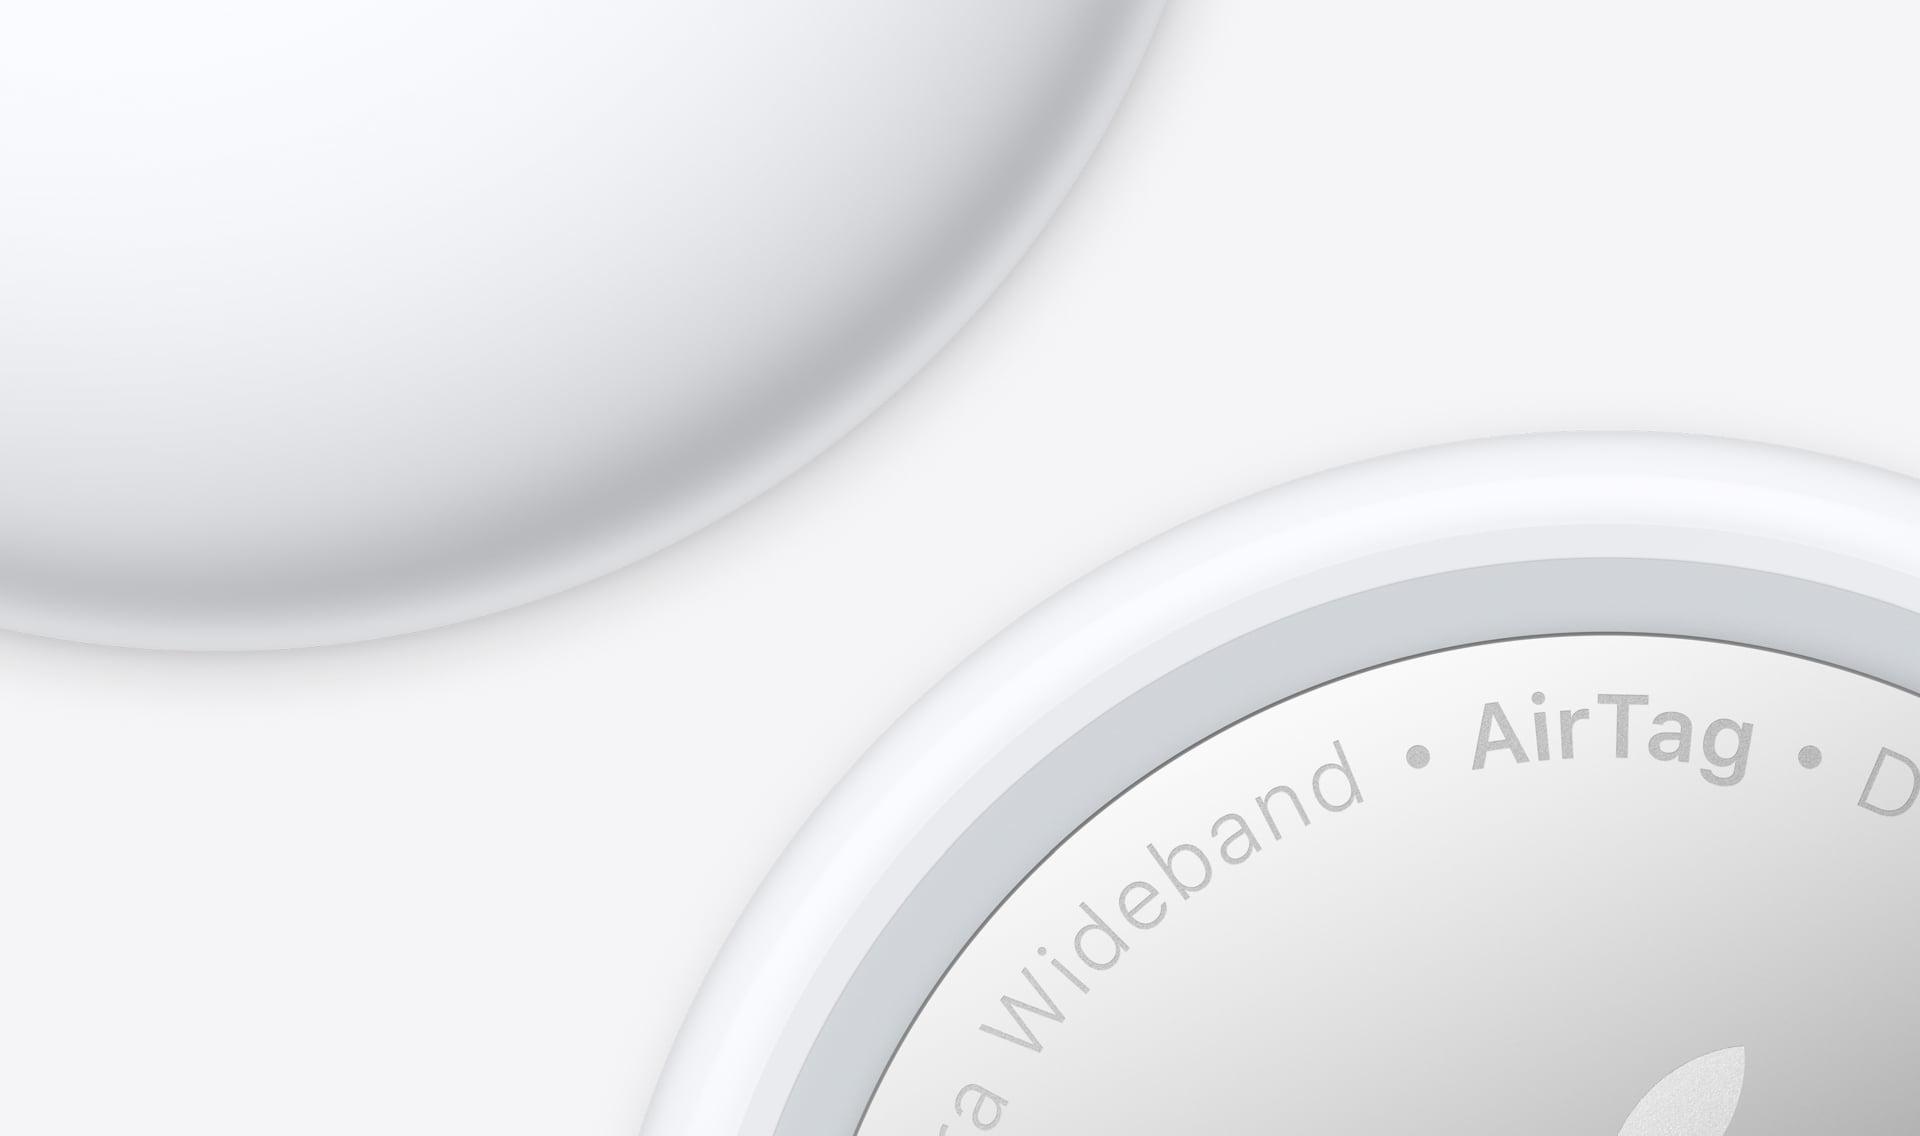 Firma Apple pokazuje nowe urządzenie lokalizator AirTag